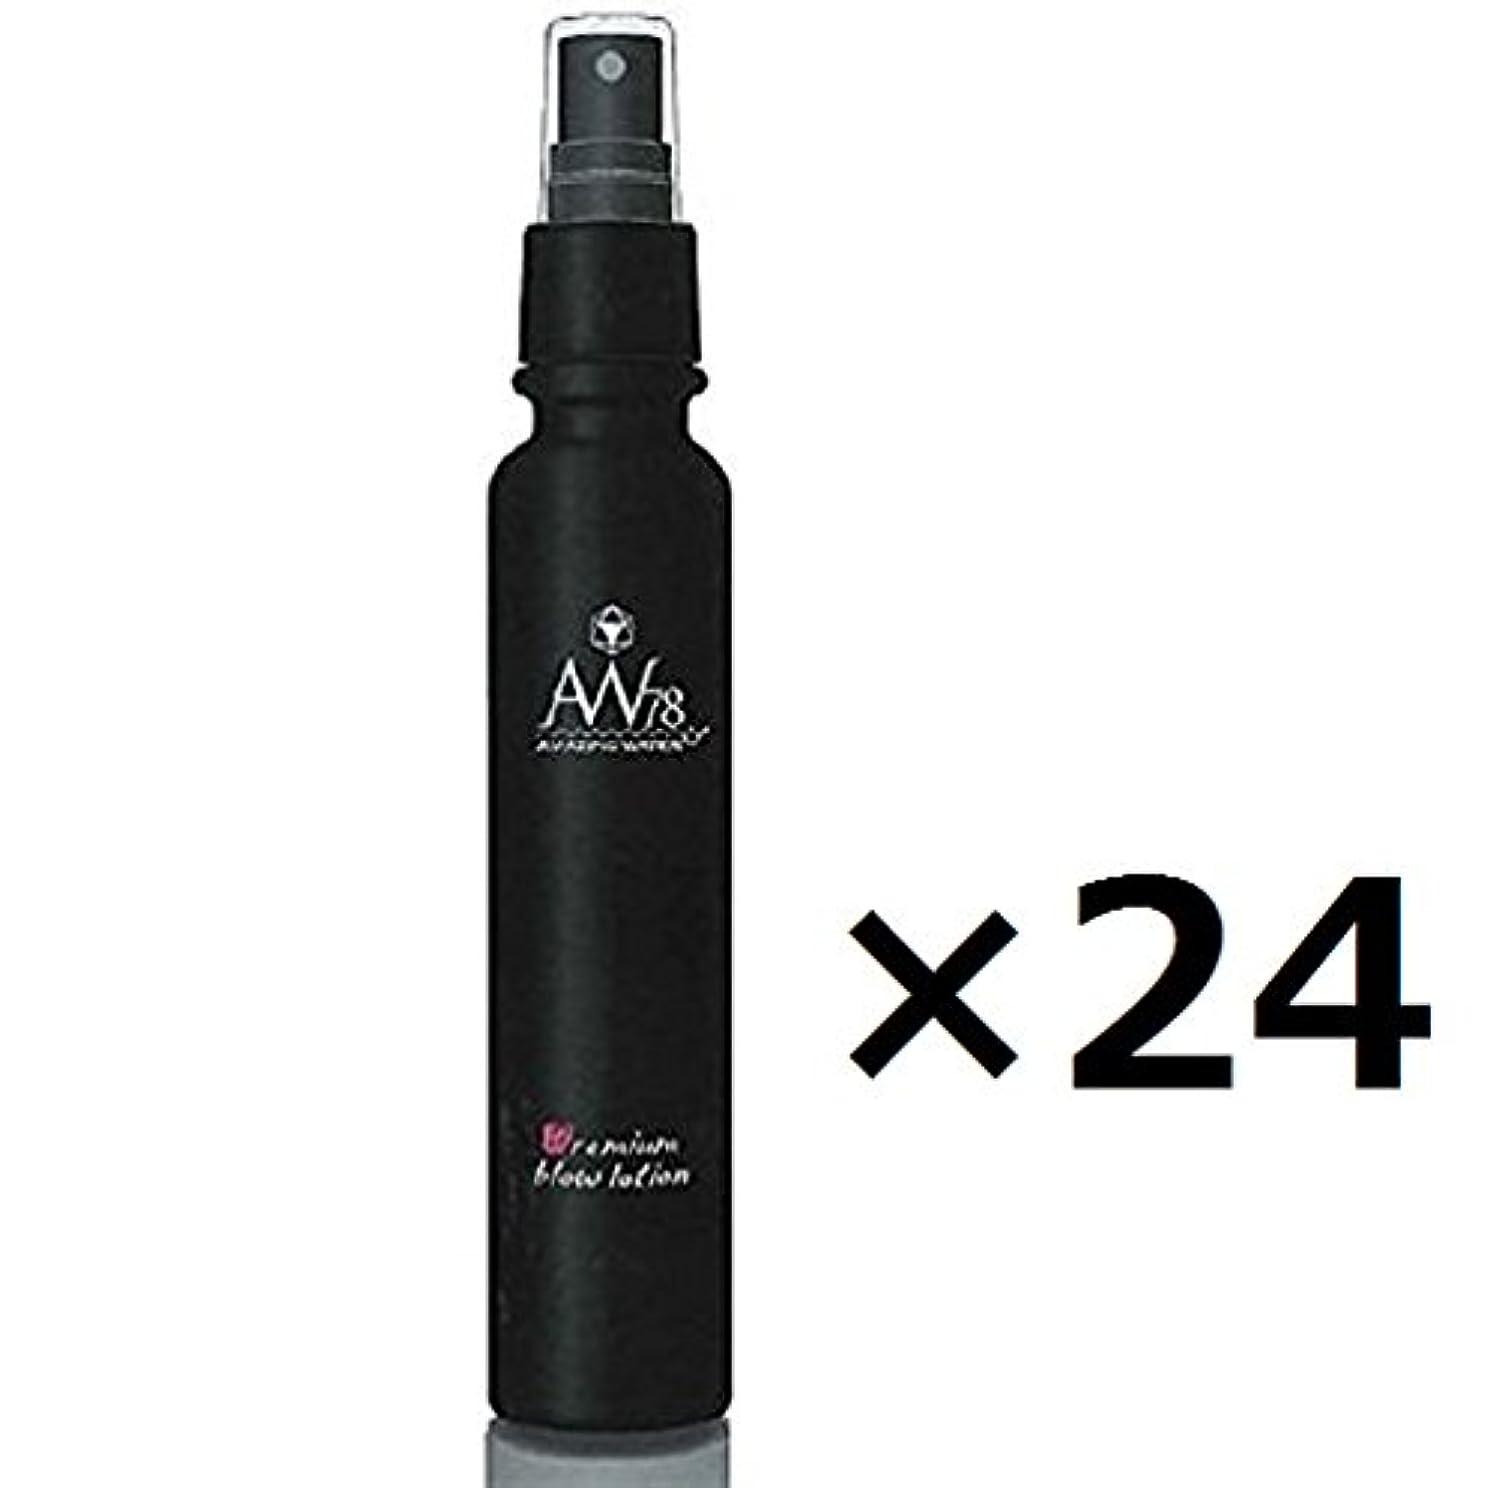 メインアンビエントいらいらさせる中央有機化学 AW78 プレミアム ブローローション 120ml 24個セット